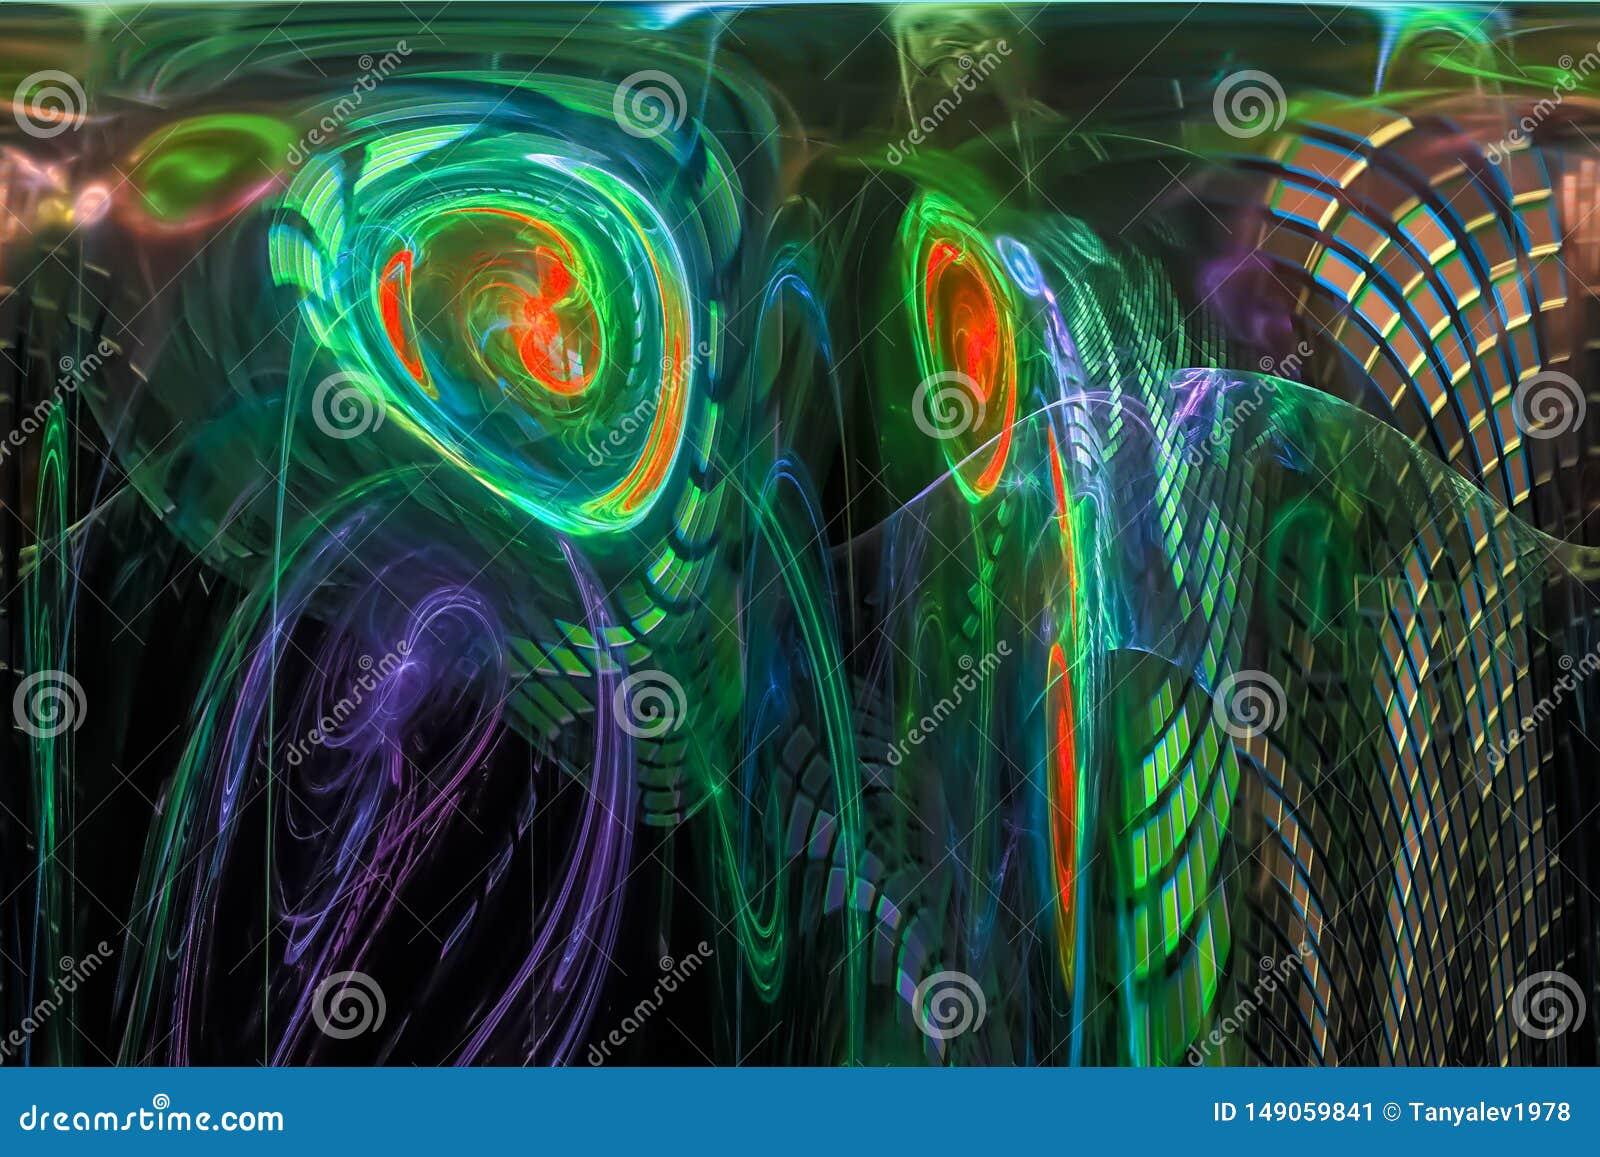 摘要发光的数字分数维未来派元素充满活力的科学意想不到的火焰幻想动态设计样式